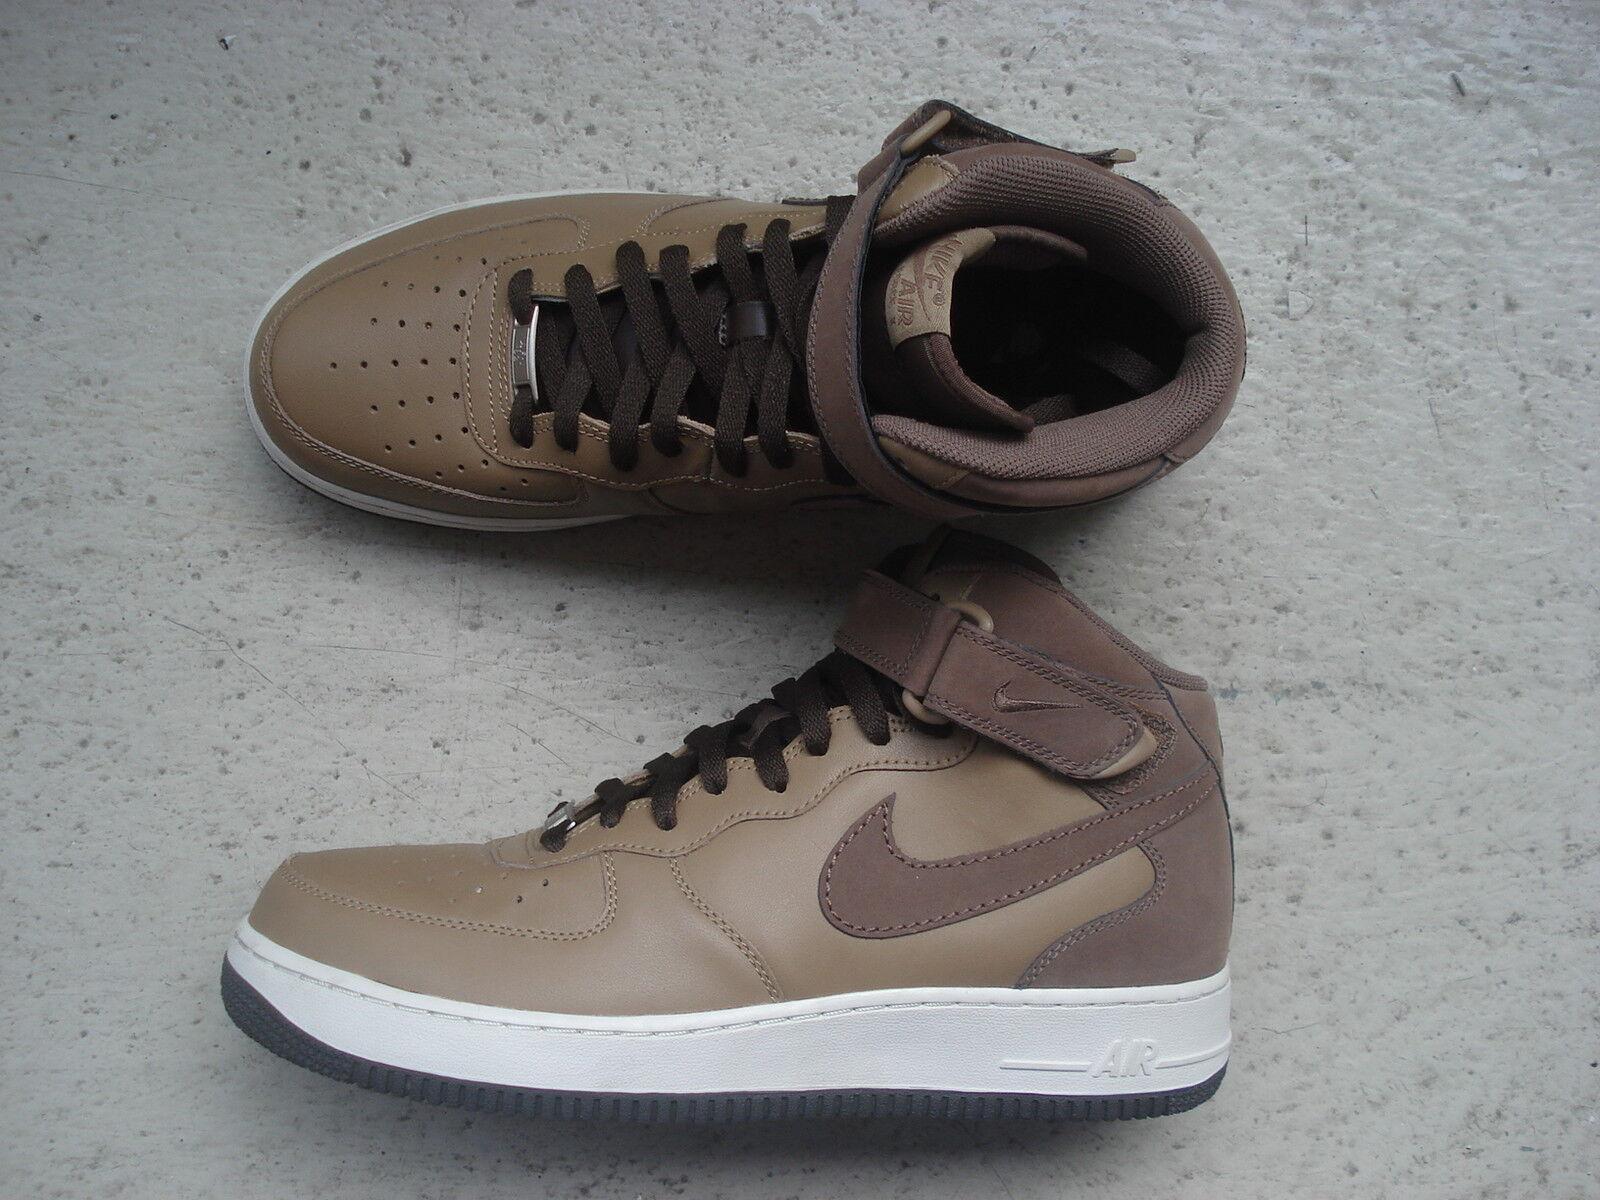 Nike Air Force 1 Mid '07 45 Wlnt/Mdm Brwn-Lght Bn-Brq Brwn